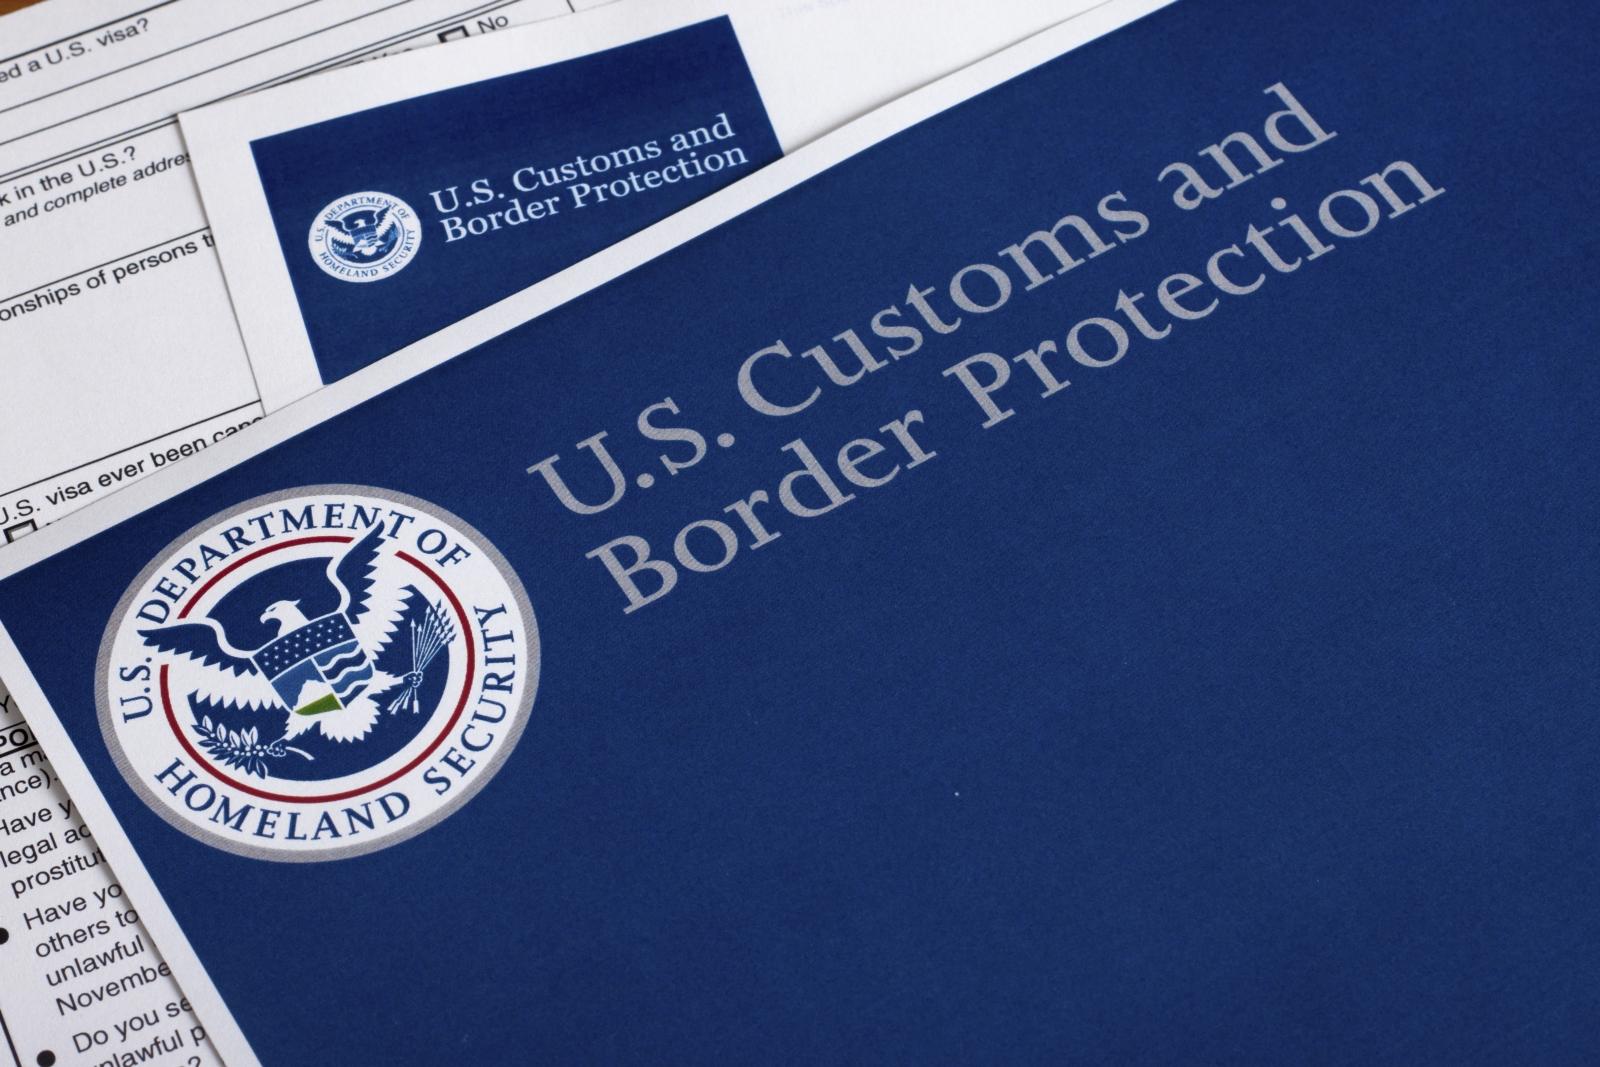 Umfangreiche und komplizierte Bestimmungen machen die USA-Einreise zur Farce. Manchmal kann es sinnvoll sein, sich dabei Unterstützung zu holen.